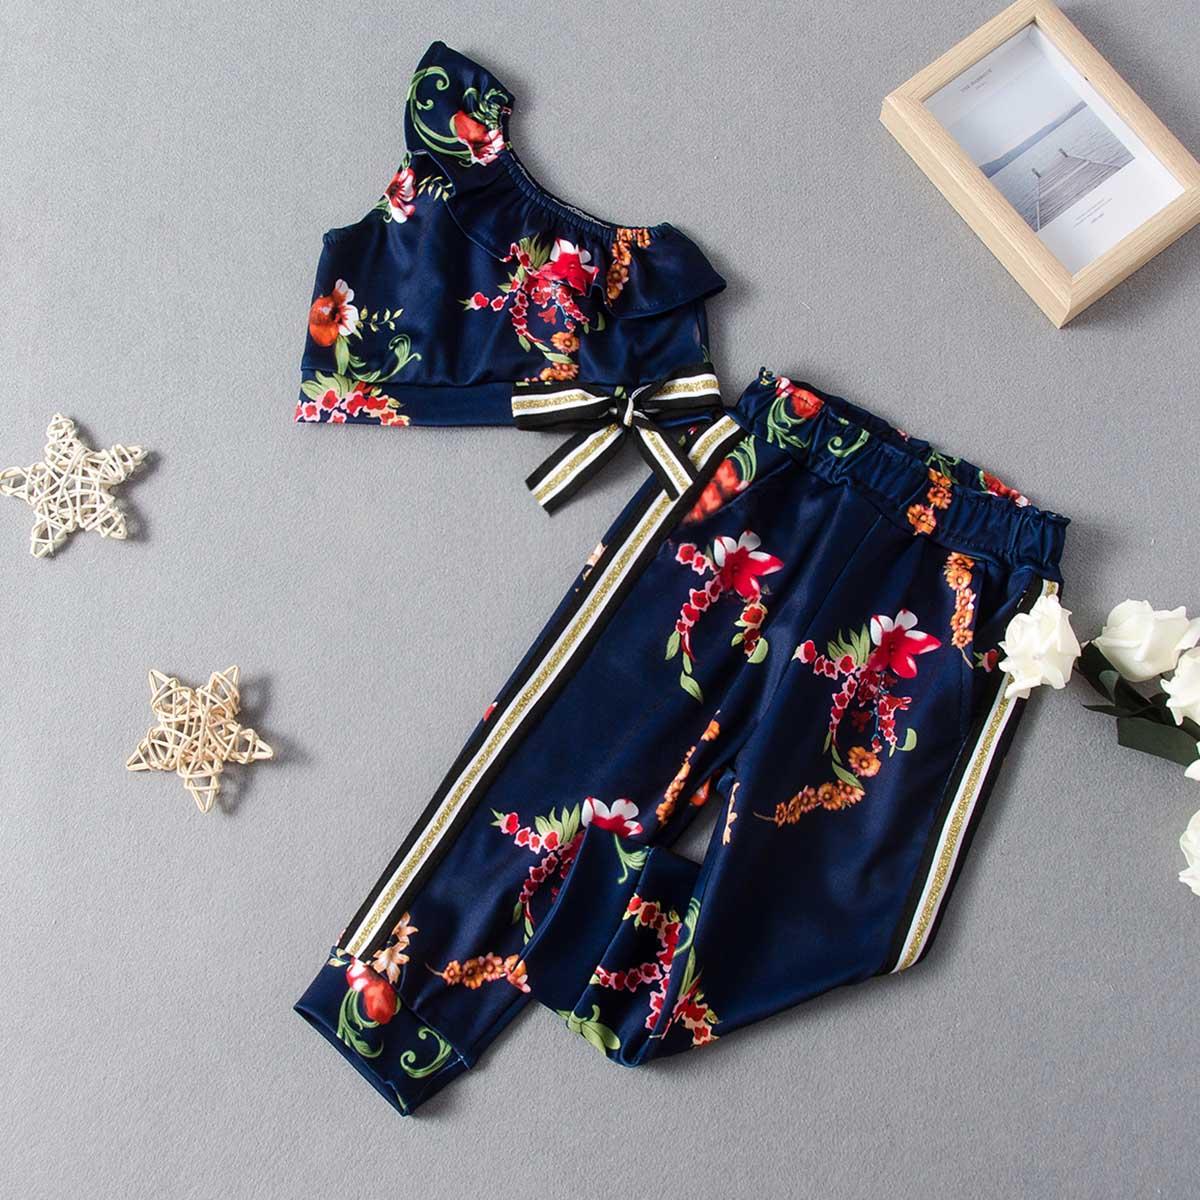 Цветочные брюки и топ с узлом на одно плечо для девочек фото